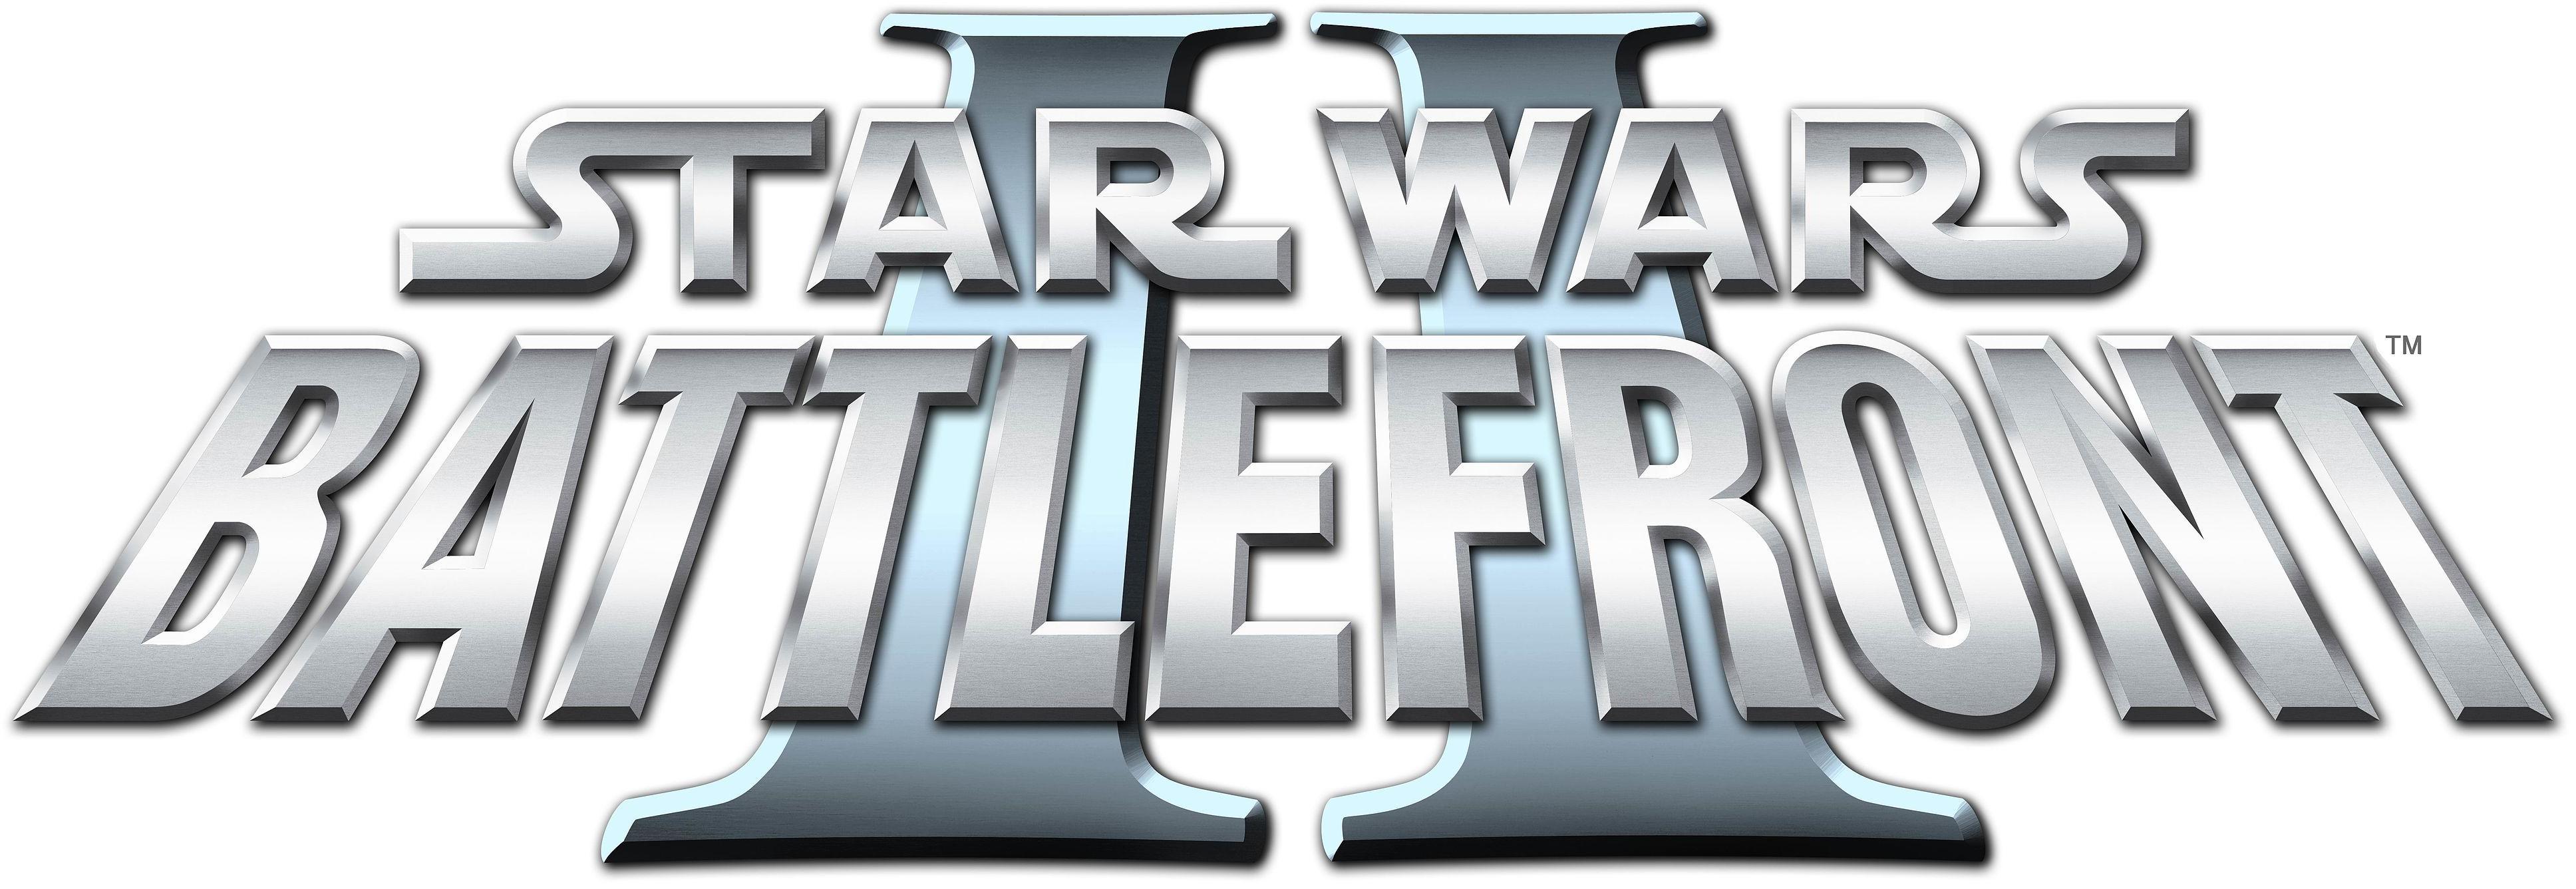 Star Wars: Battlefront II (2005)